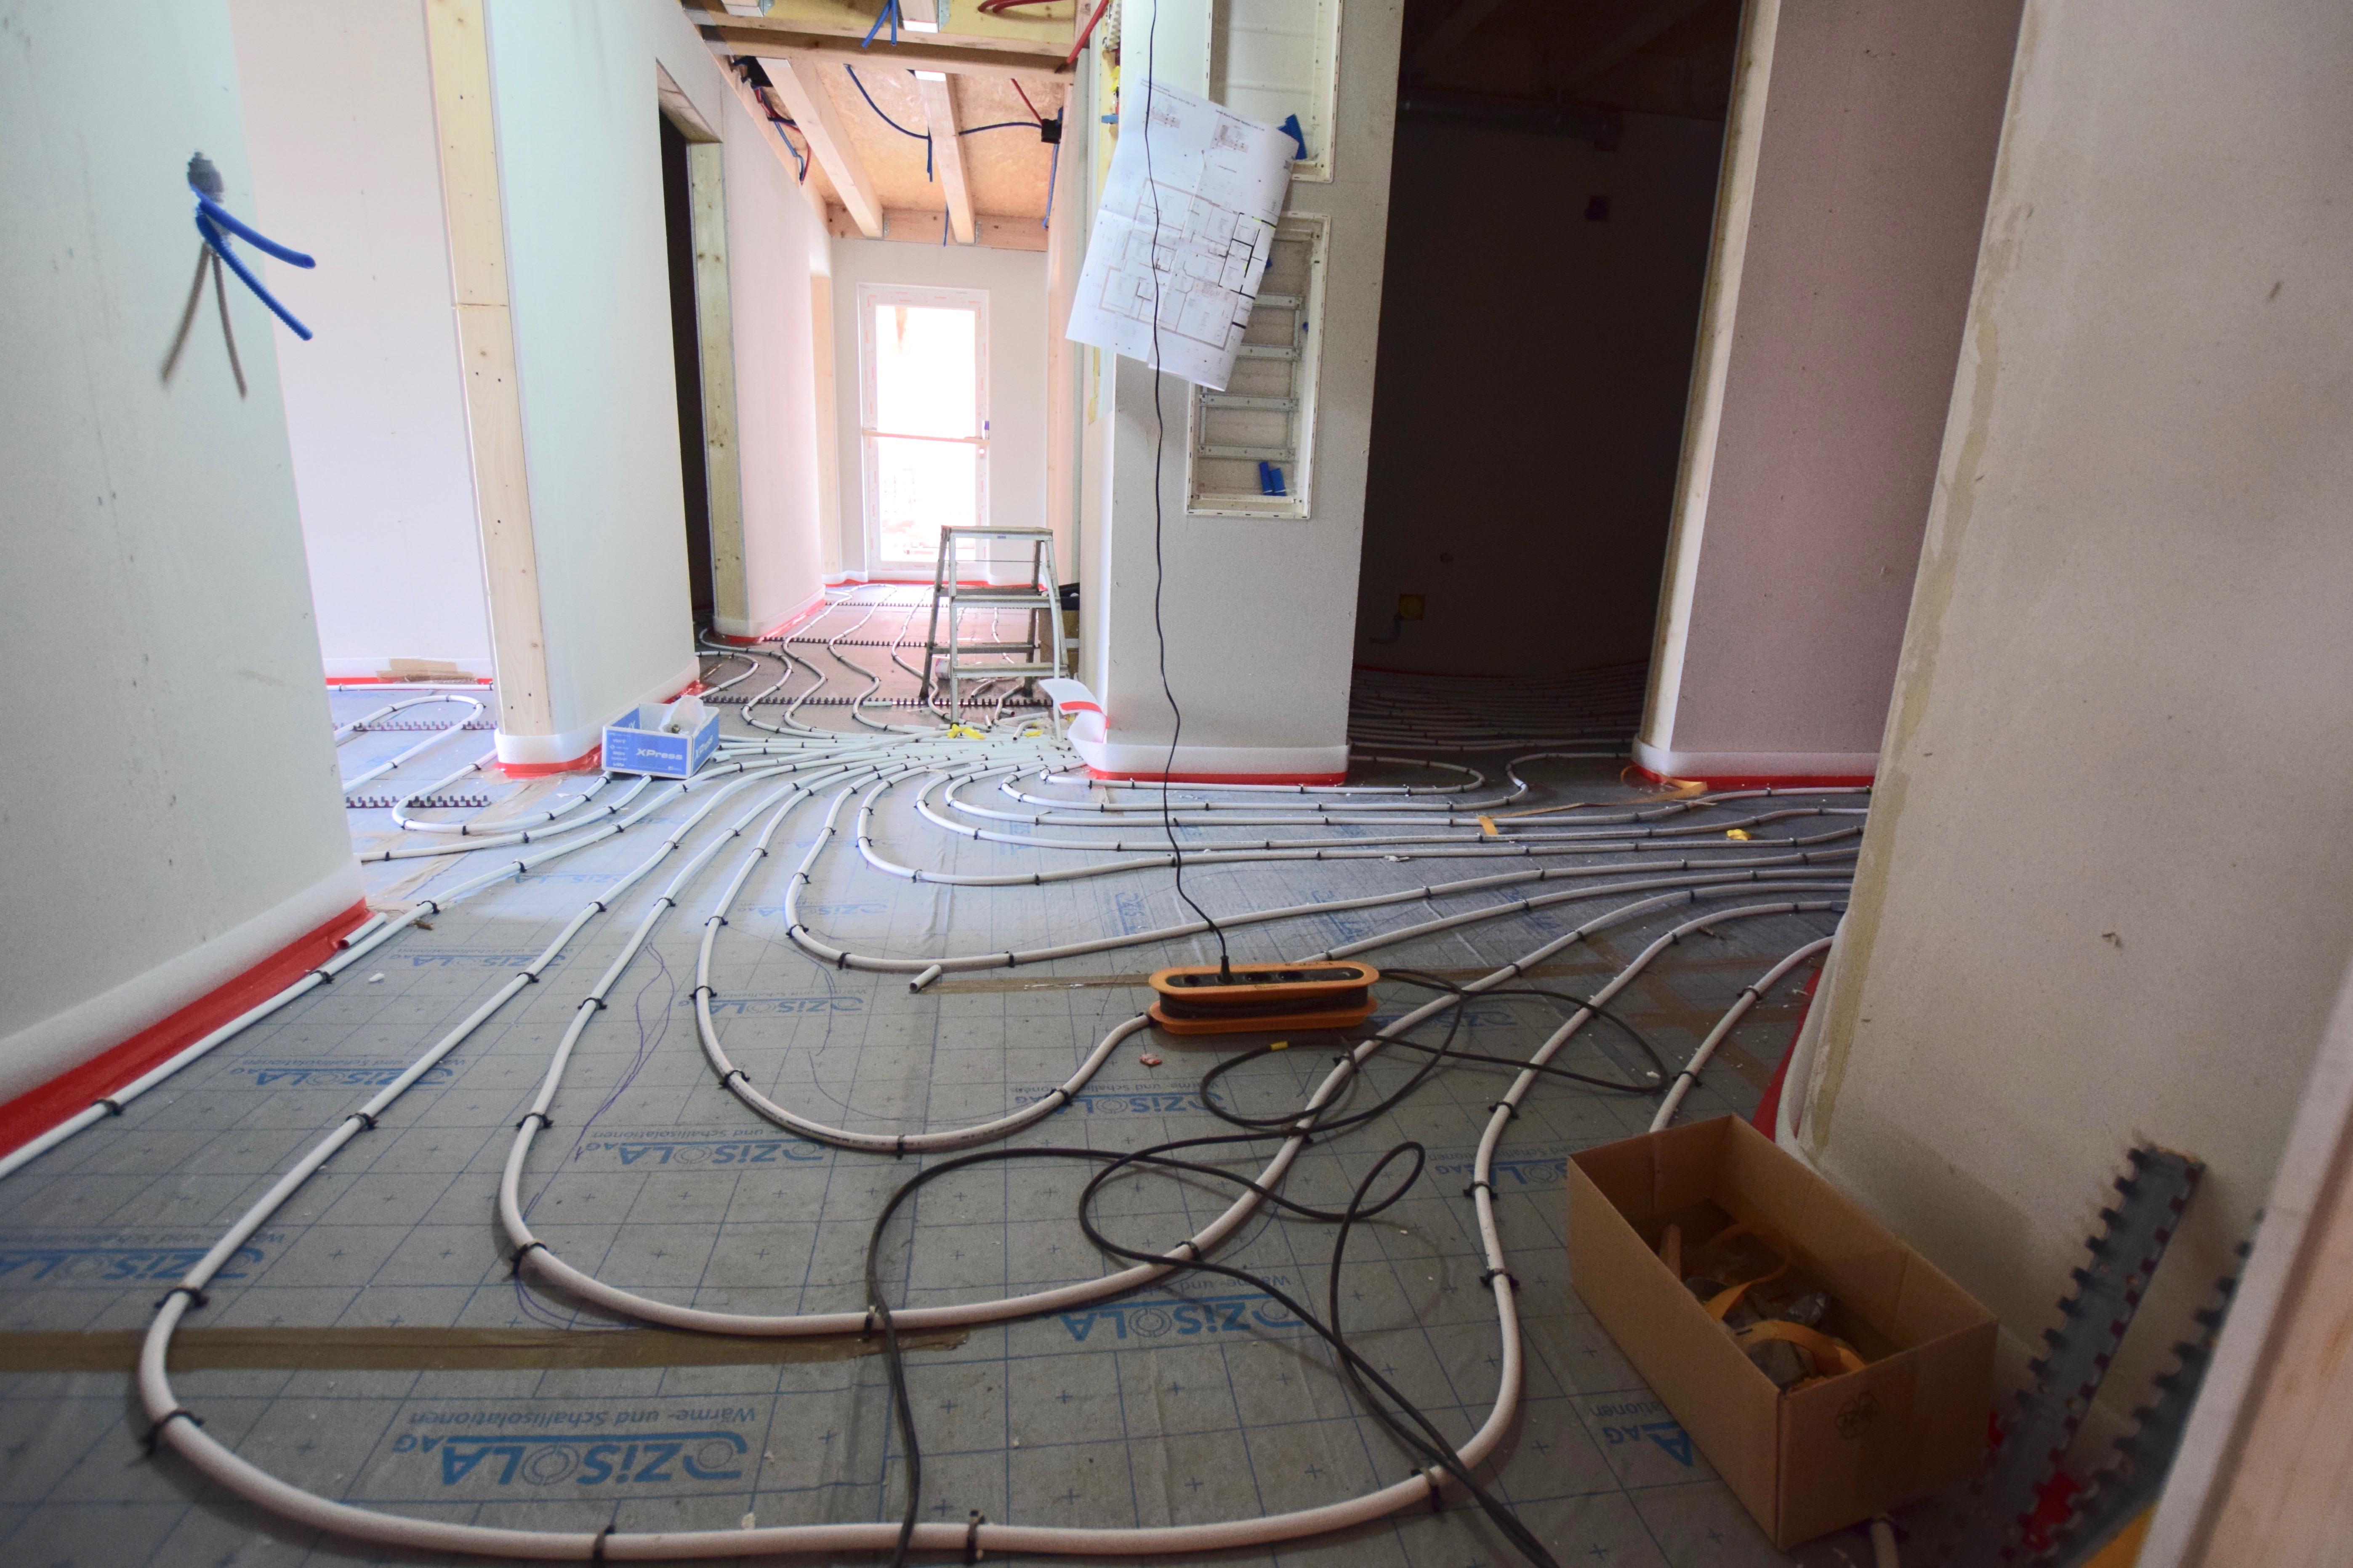 Fußbodenplatten Xp ~ Villaverena projekt aegerten